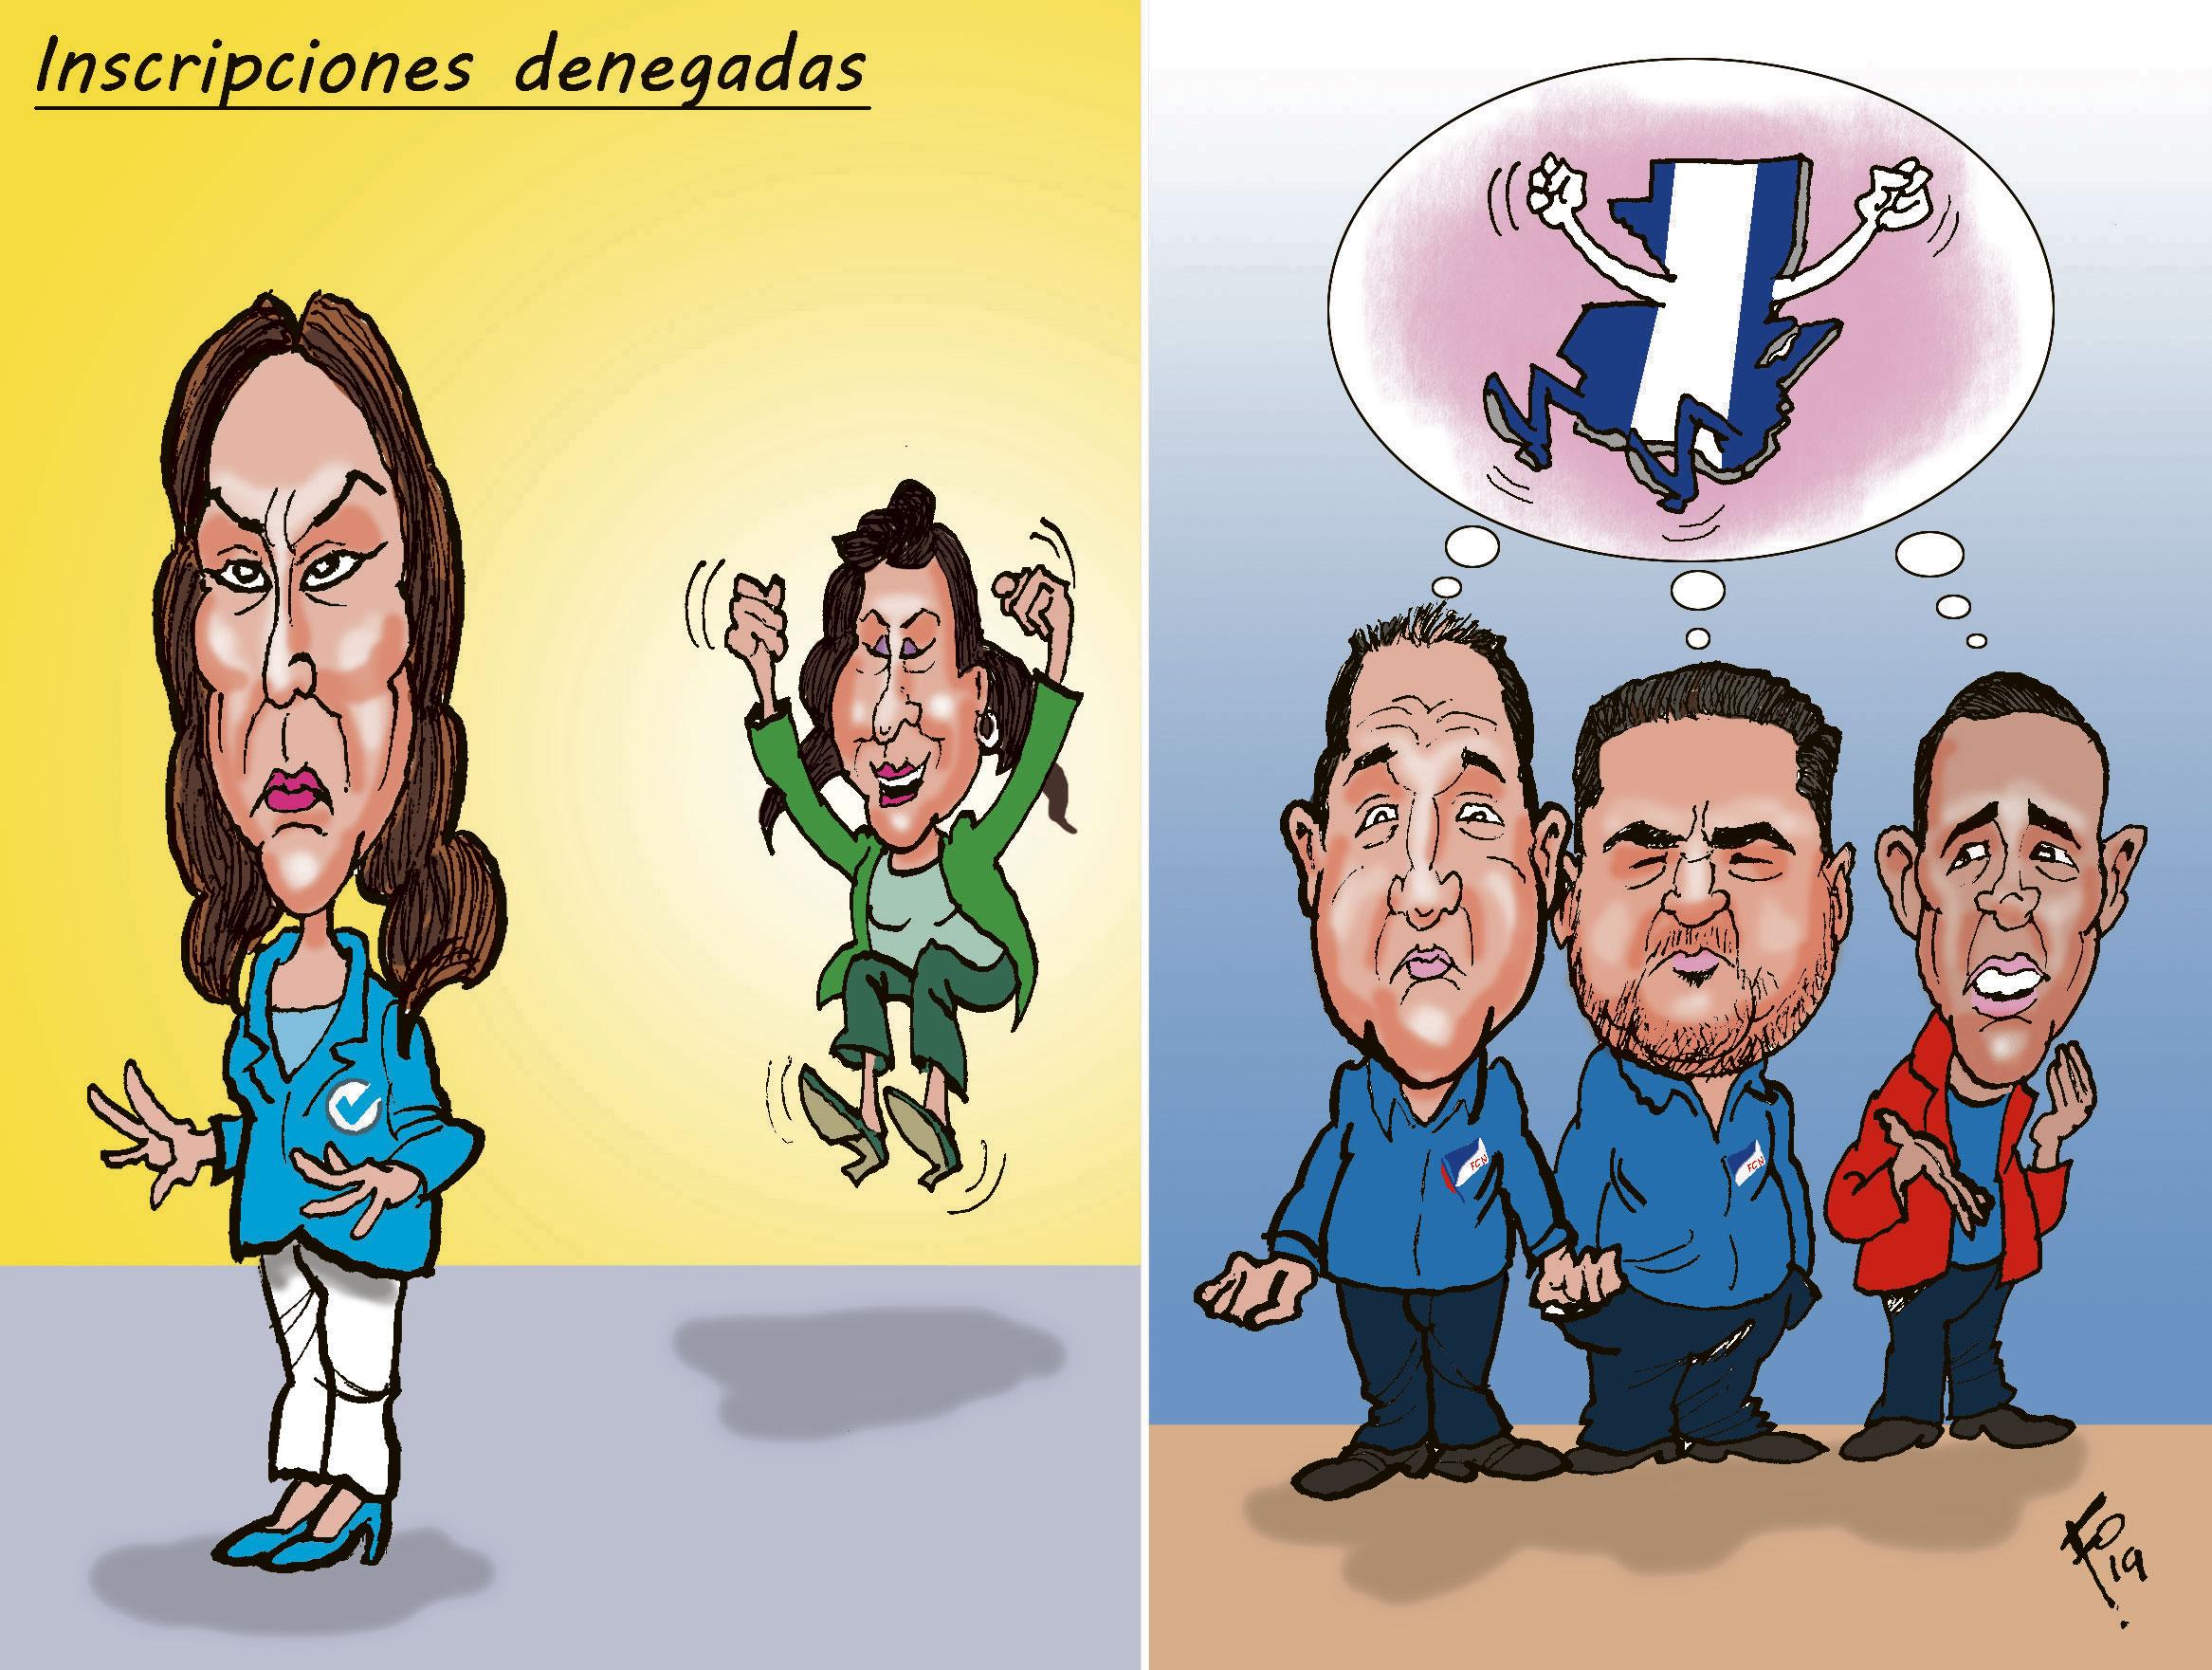 Inscripciones denegadas parra Zury Ríos y varios candidatos a diputado.